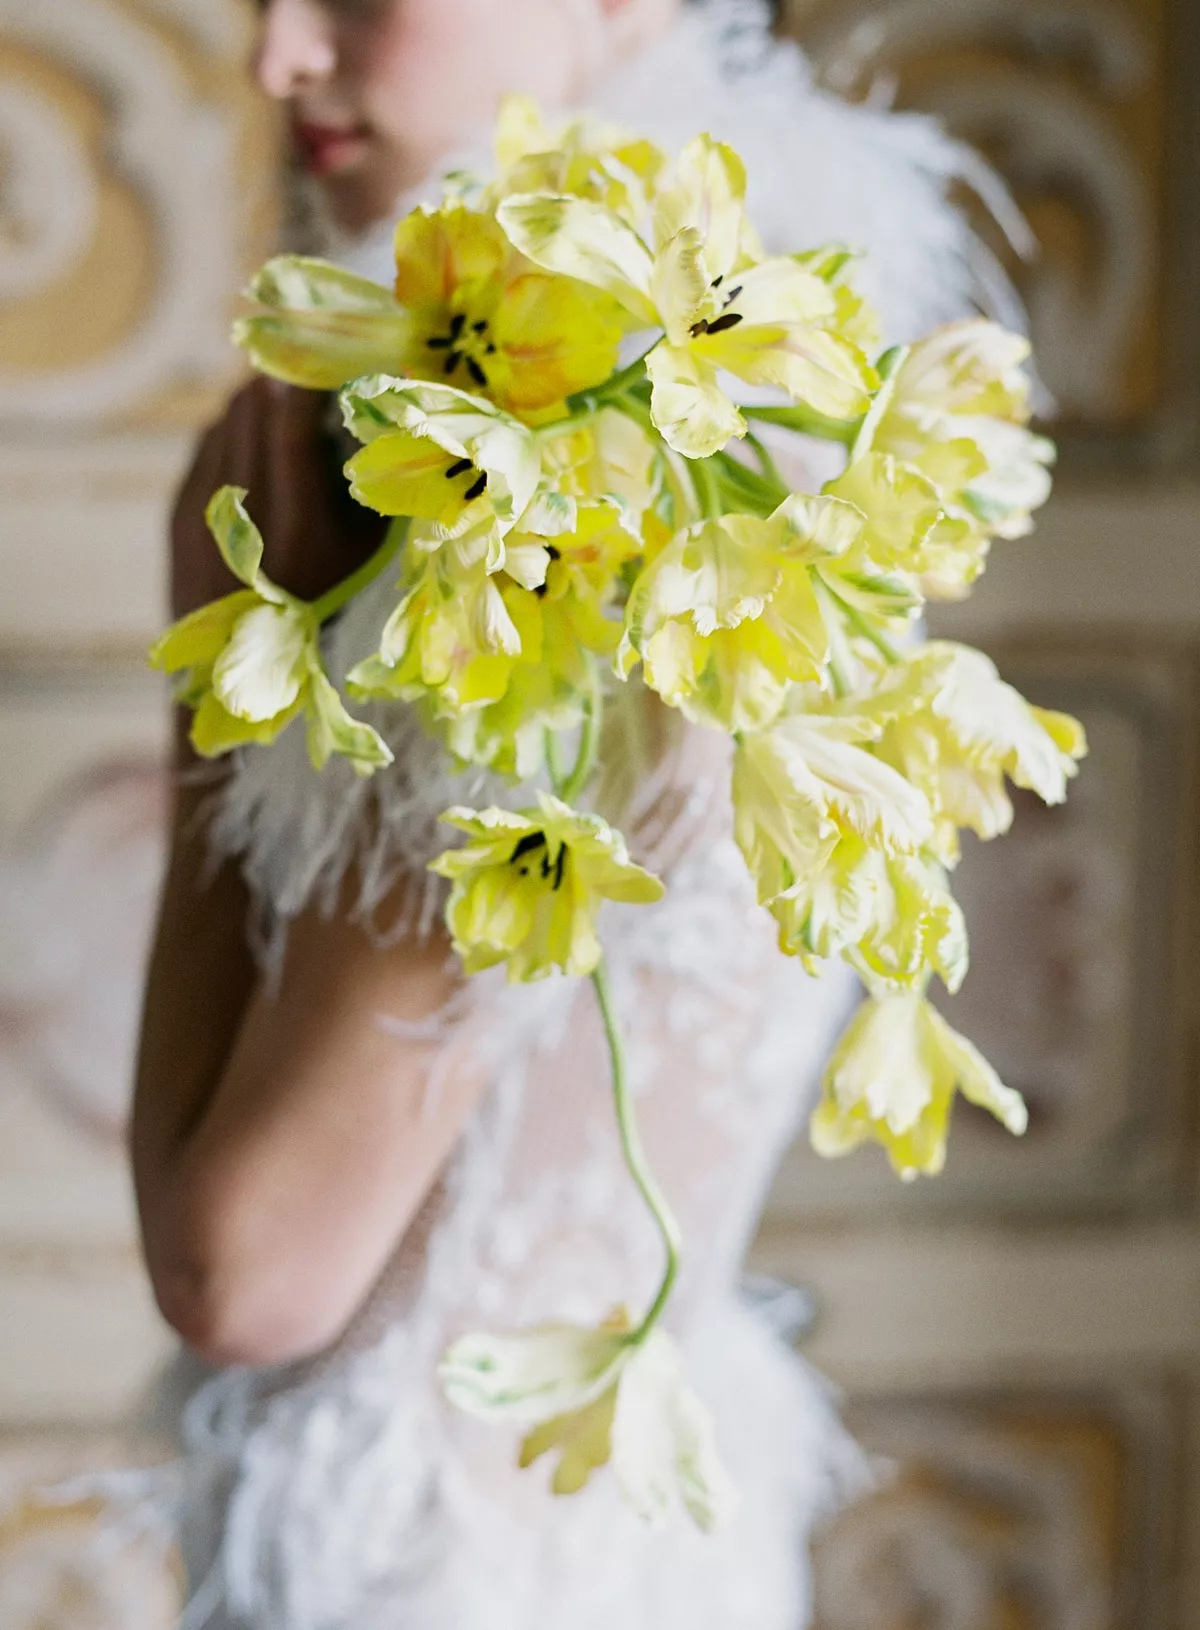 fYn4rLW2o g - Букет невесты из тюльпанов